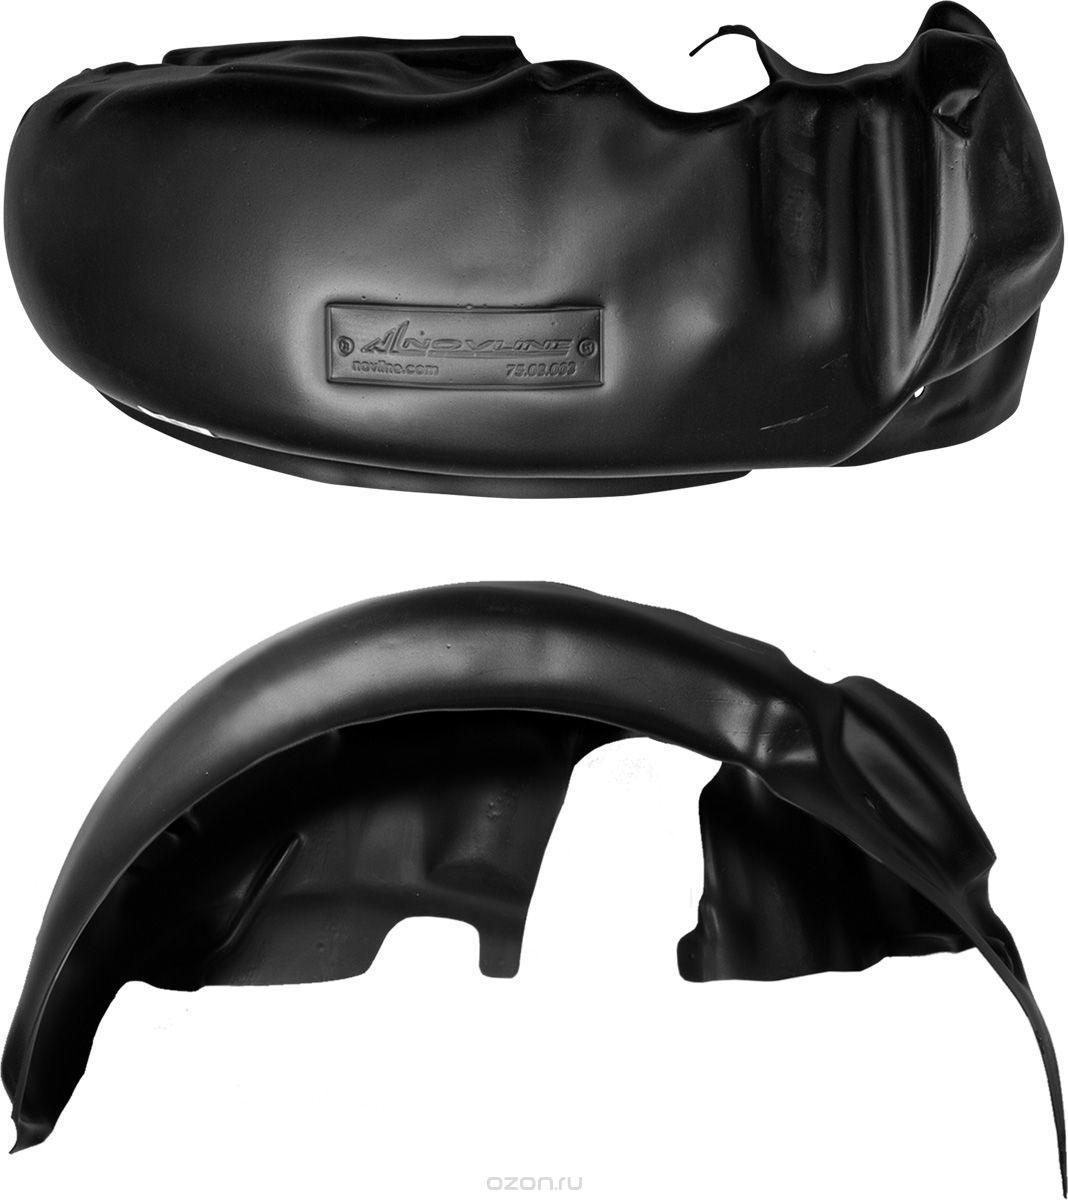 Подкрылок Novline-Autofamily, для Geely Emgrand X7, 2013->, задний правыйNLL.75.07.004Идеальная защита колесной ниши. Локеры разработаны с применением цифровых технологий, гарантируют максимальную повторяемость поверхности арки. Изделия устанавливаются без нарушения лакокрасочного покрытия автомобиля, каждый подкрылок комплектуется крепежом. Уважаемые клиенты, обращаем ваше внимание, что фотографии на подкрылки универсальные и не отражают реальную форму изделия. При этом само изделие идет точно под размер указанного автомобиля.